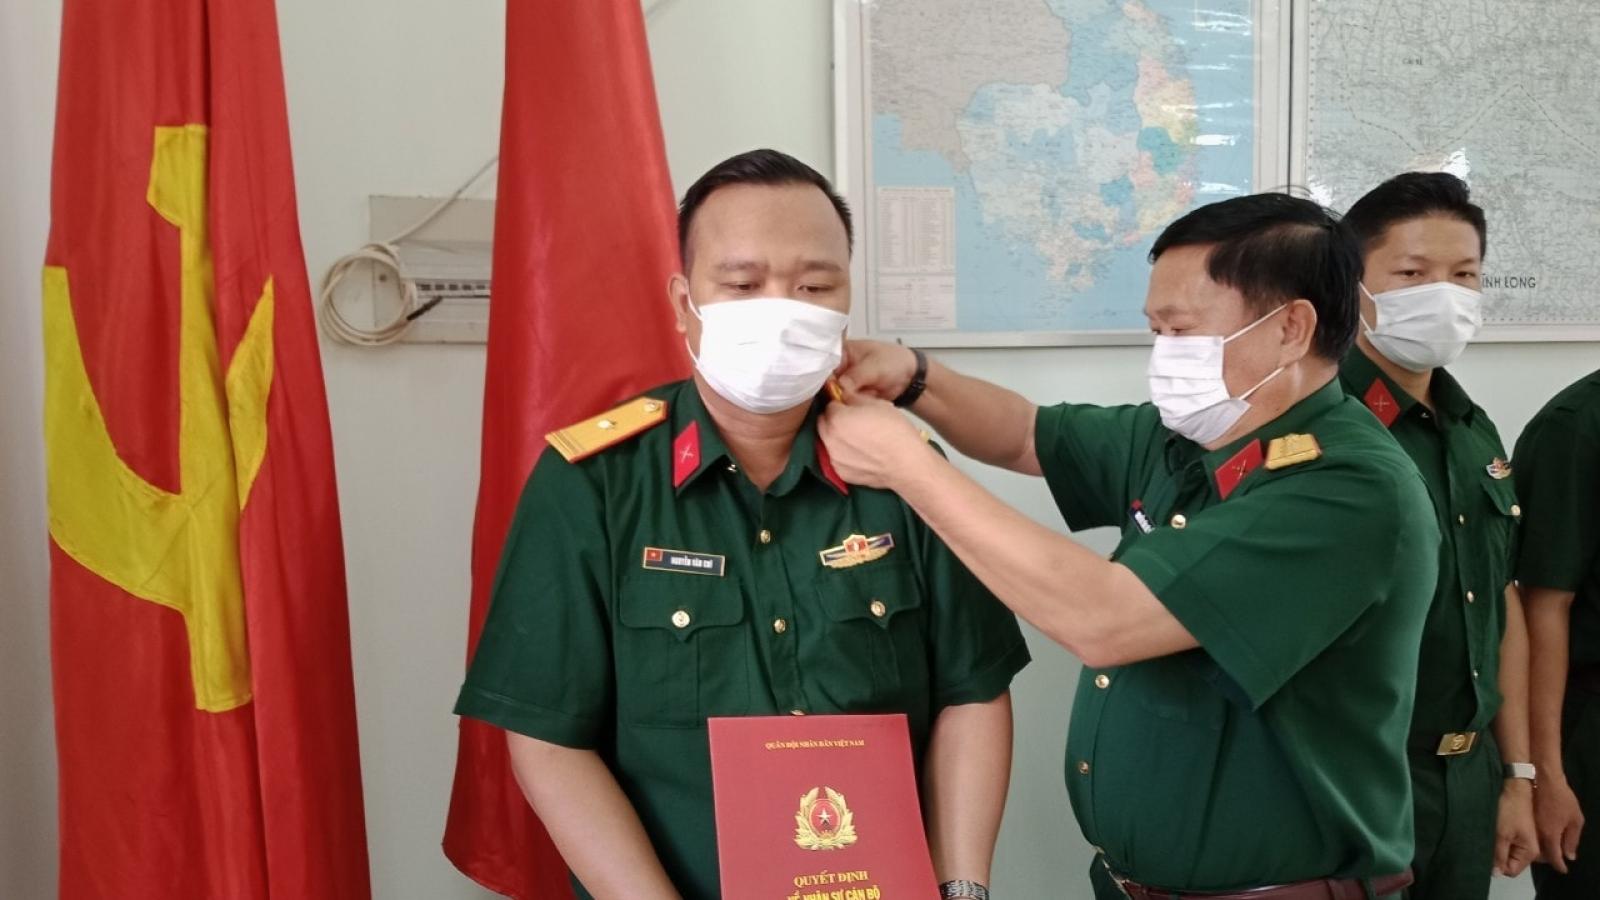 Trao quân hàm cho 3 sỹ quan quân đội tại khu cách ly